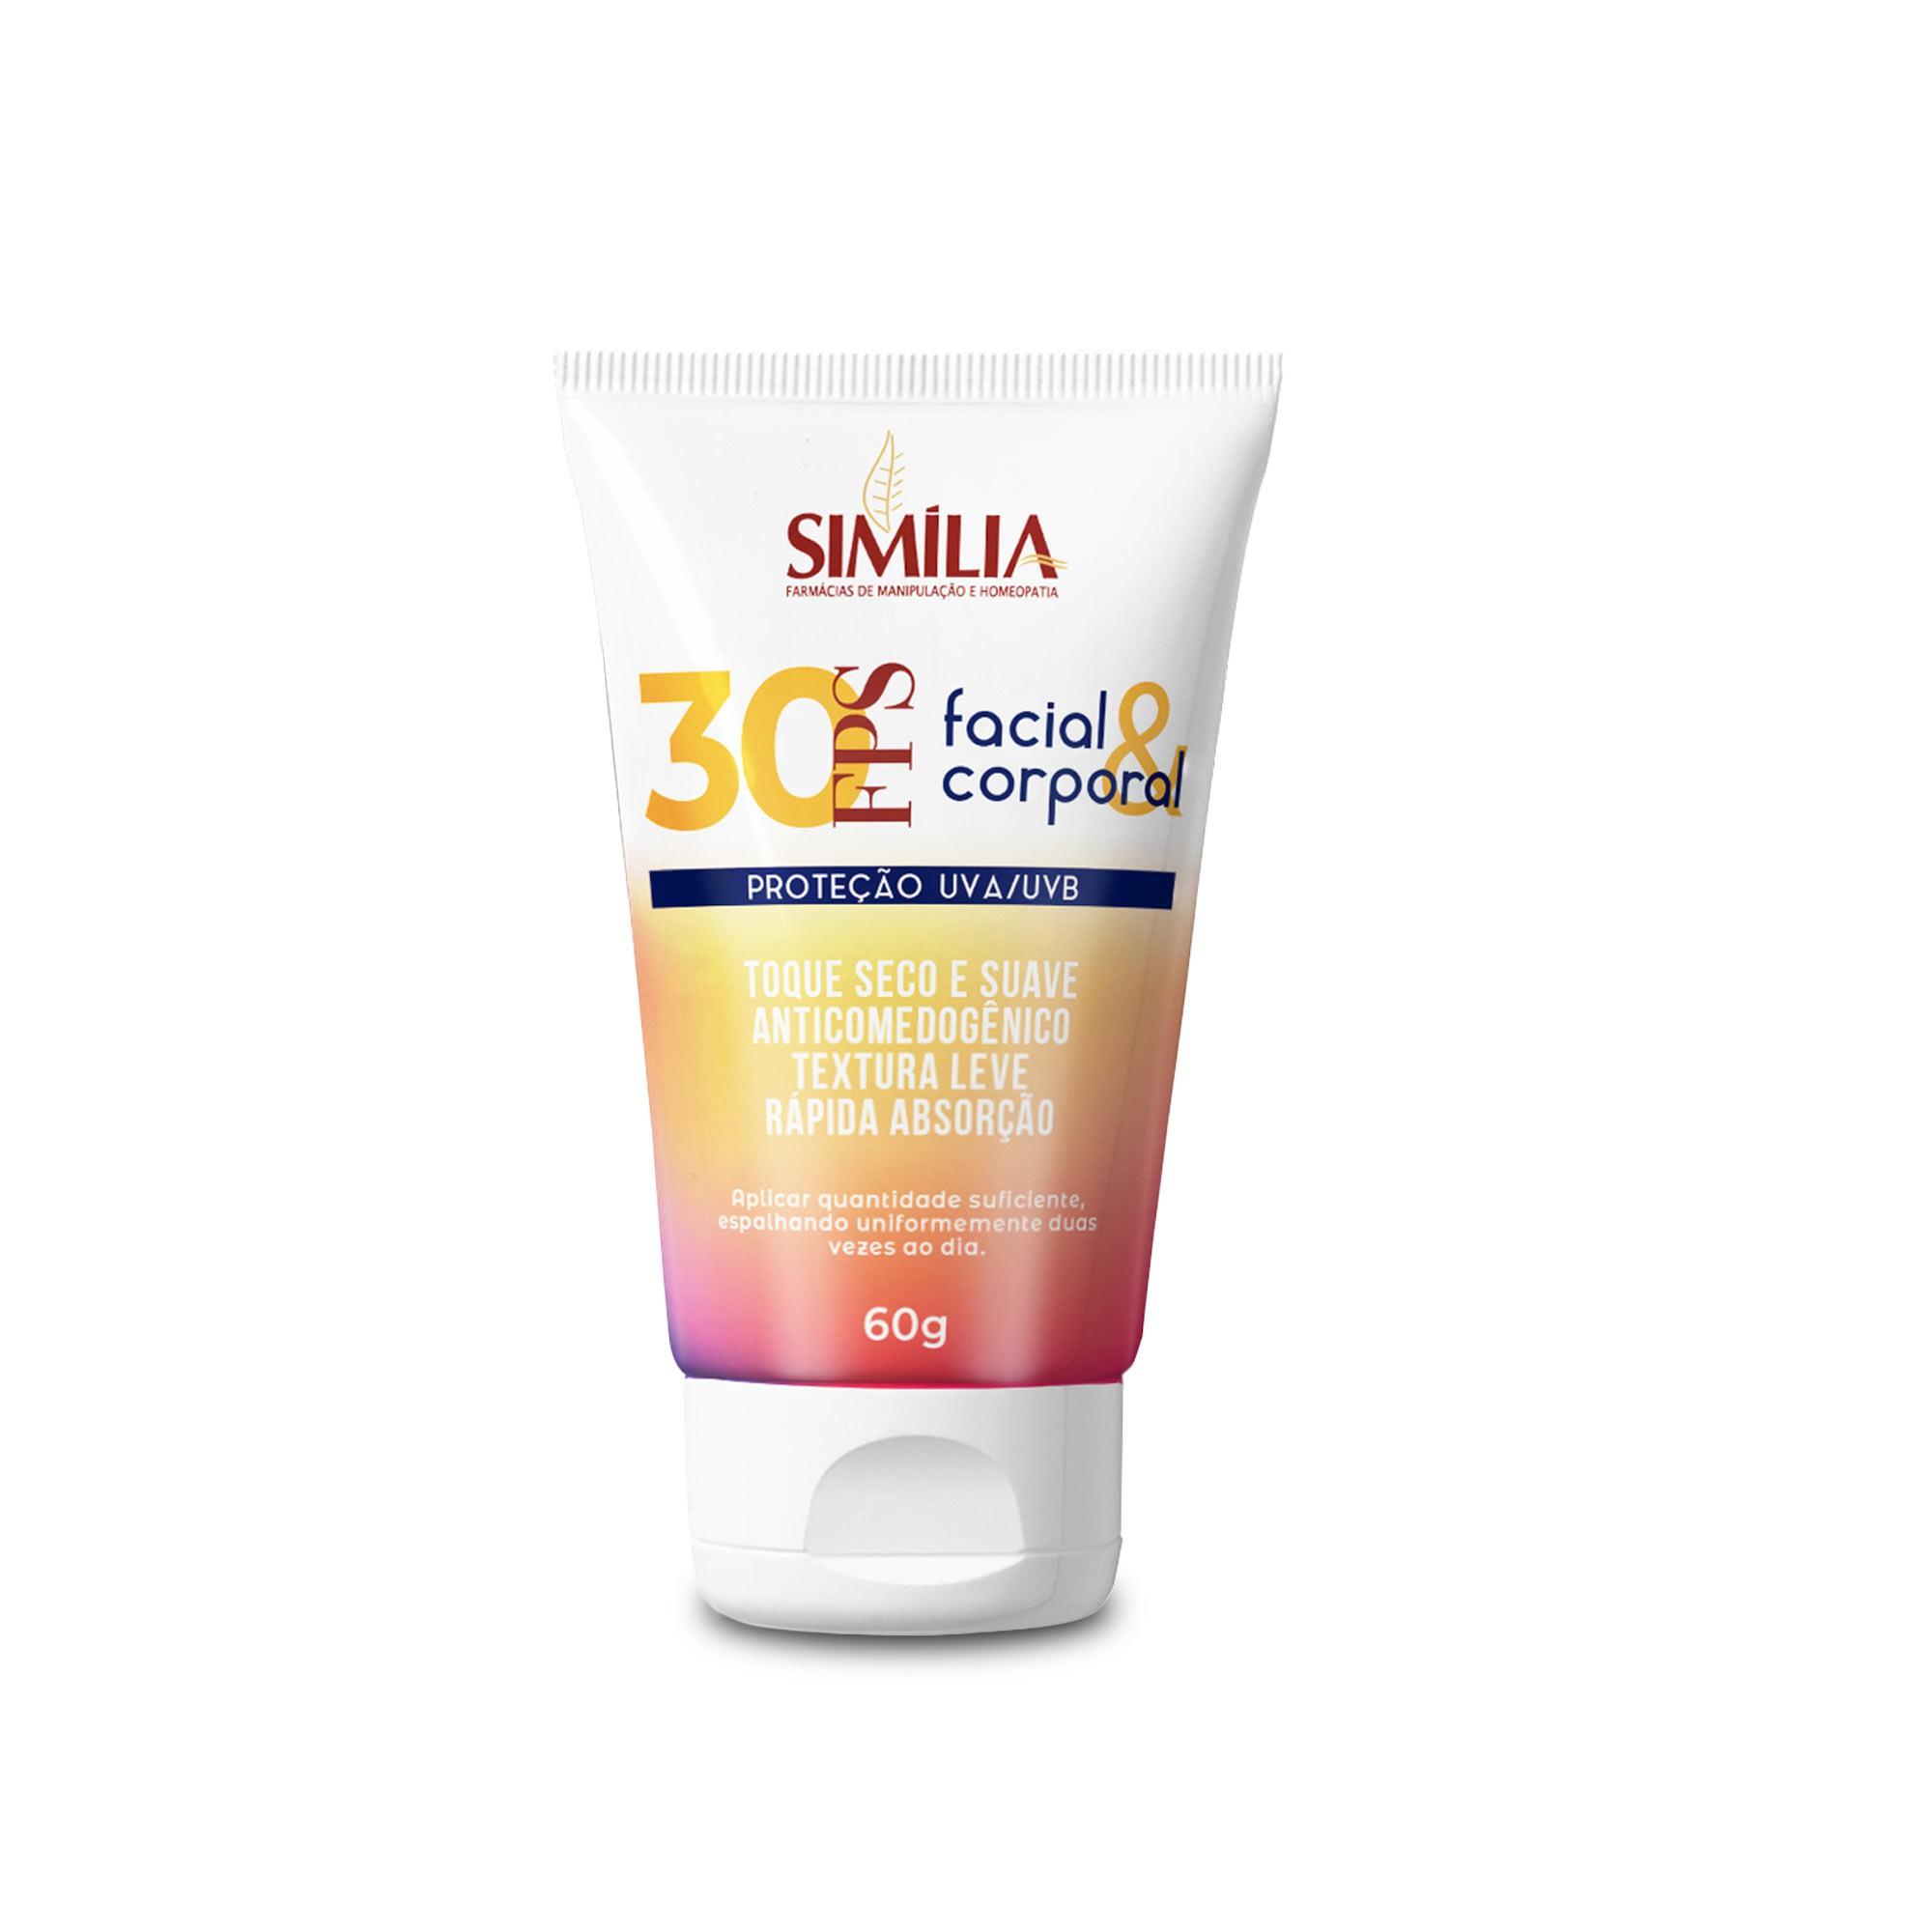 Filtro Solar FPS 30 Toque Seco Face e Corpo 60g